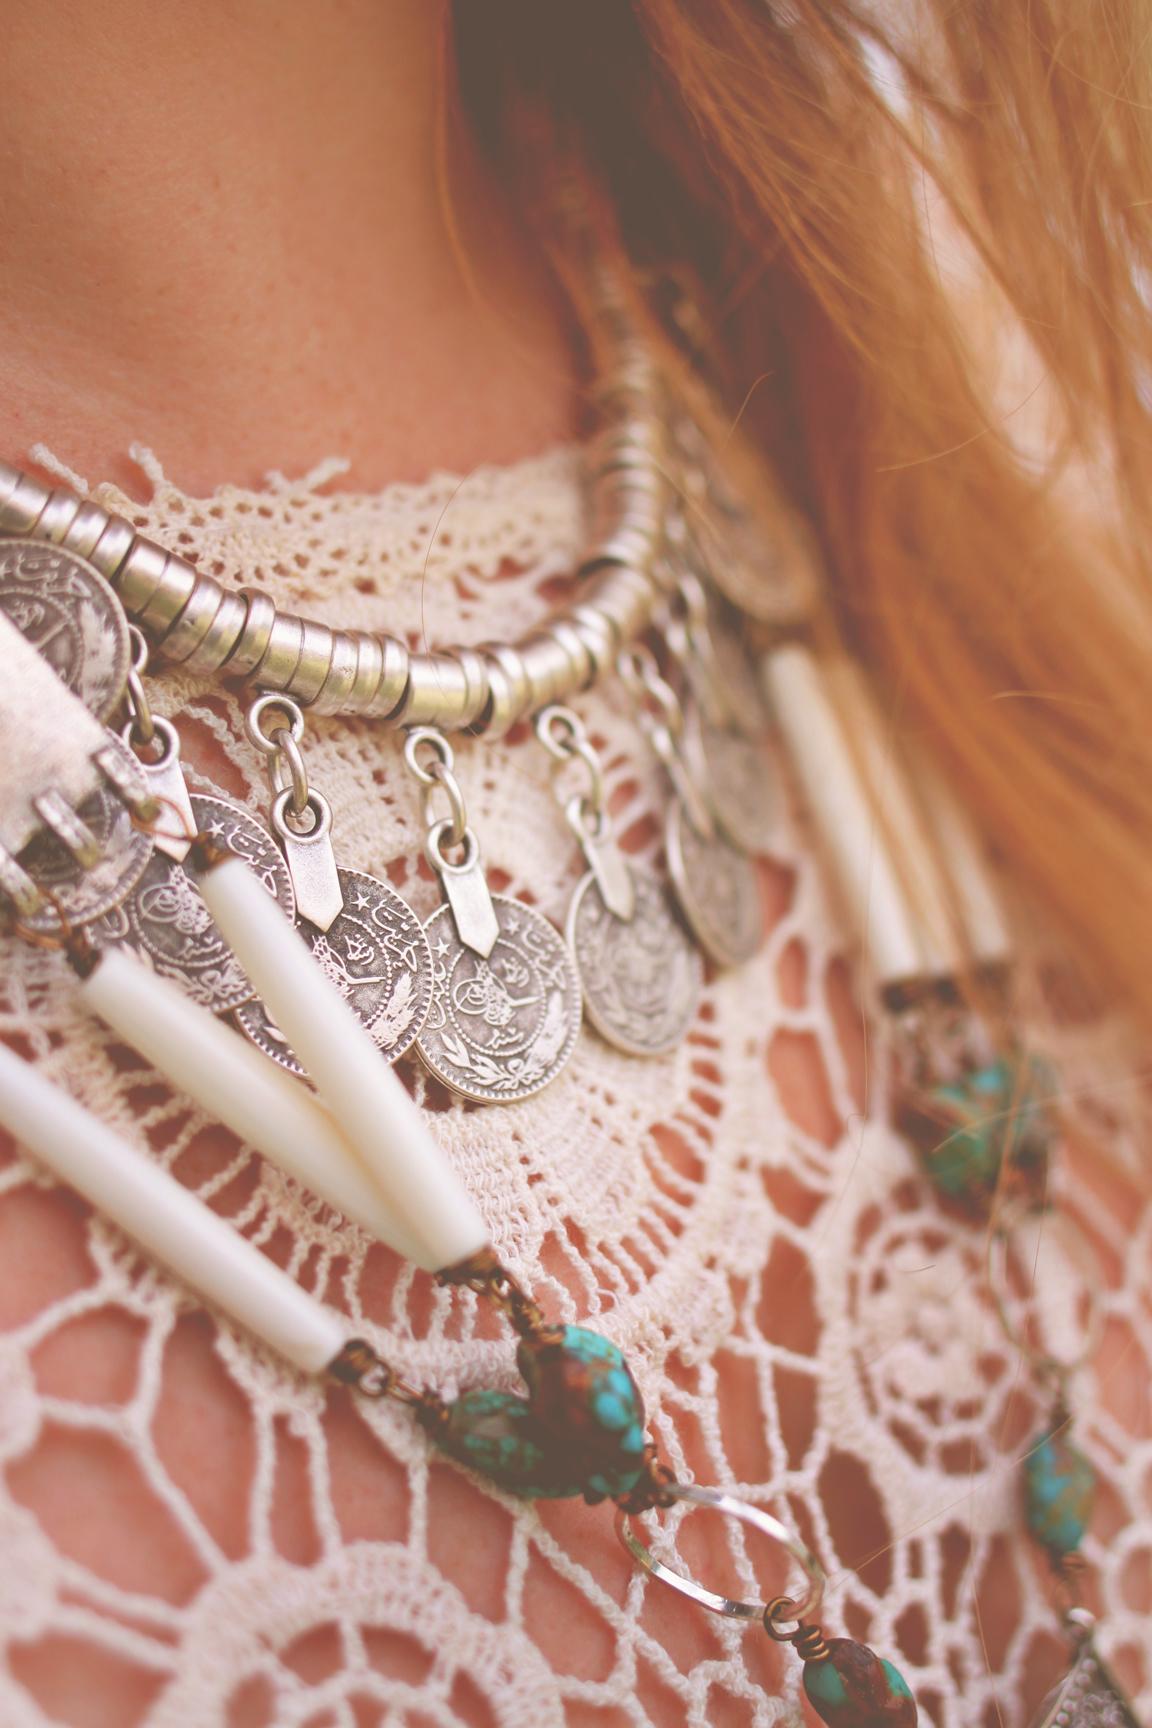 Summer Romance Lookbook via bohocollective.com